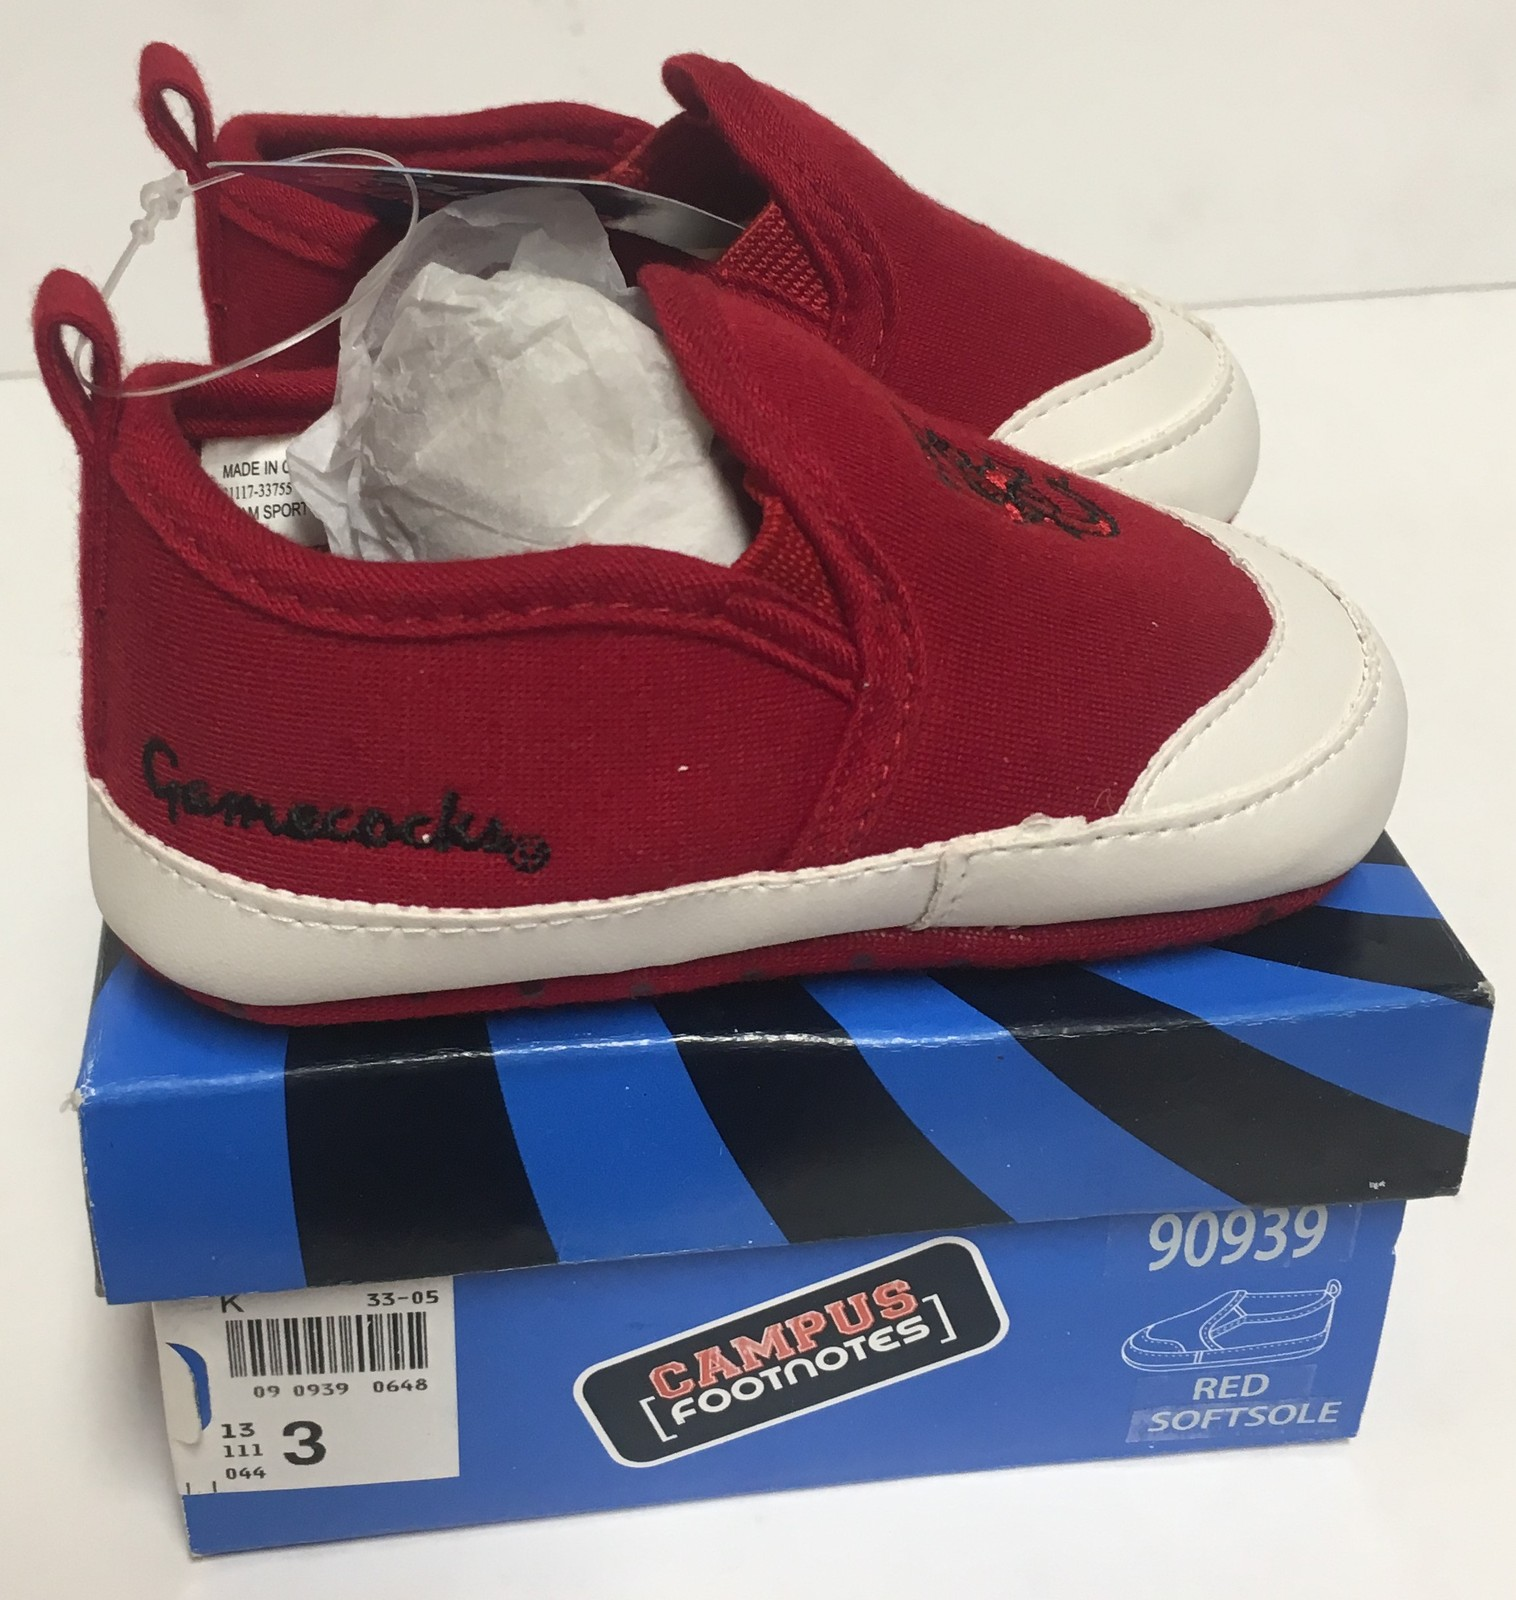 USC University of South Carolina Gamecocks Infant Sz 3 Non-Slip Soft Shoes  image 5